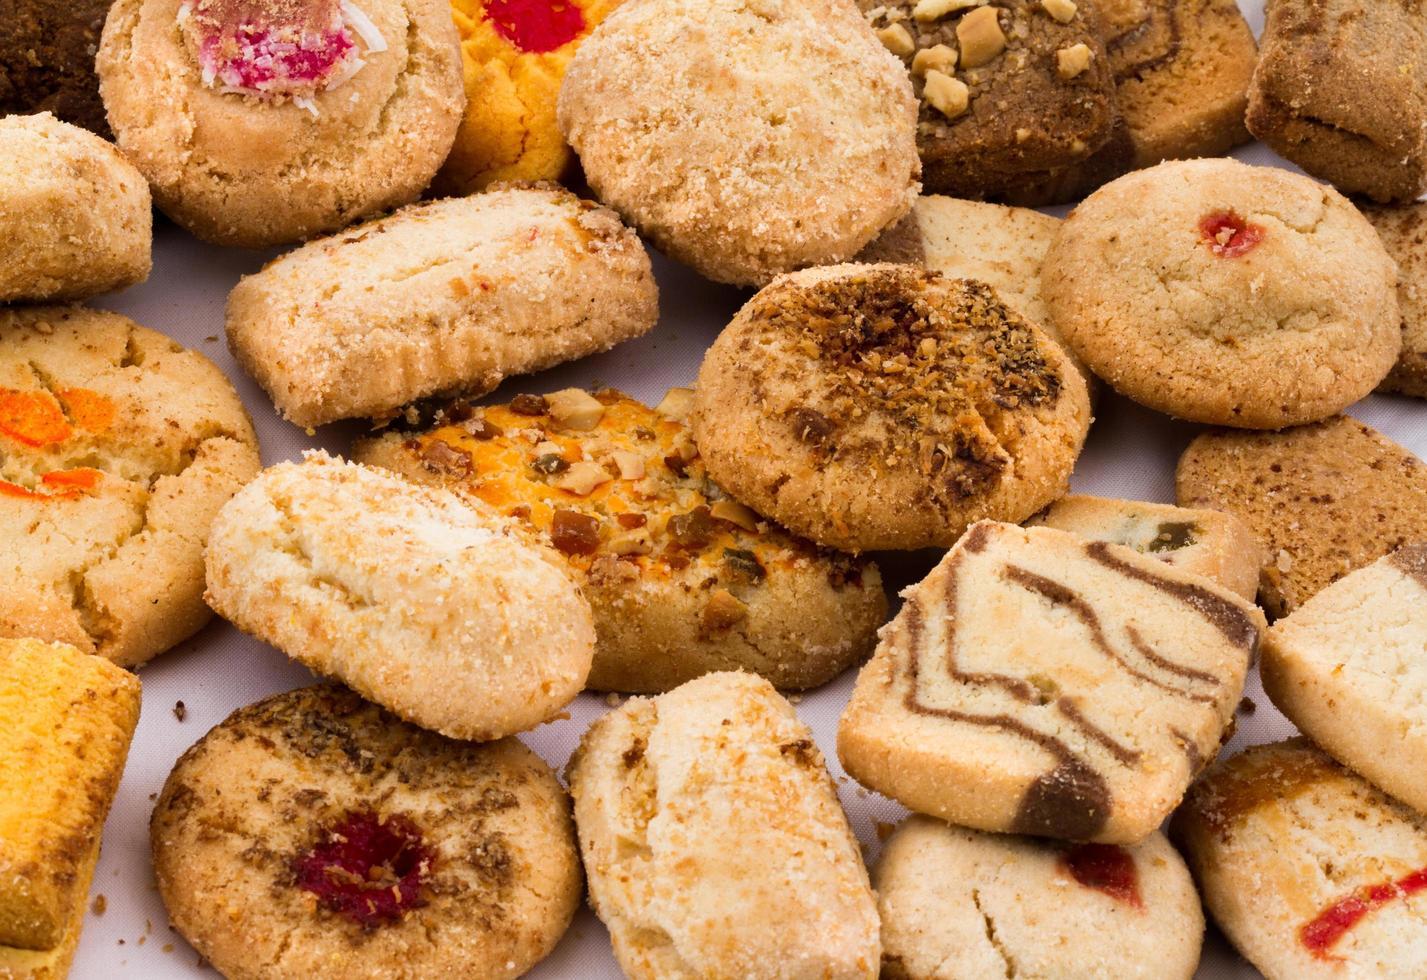 biscuits indiens frais faits maison photo